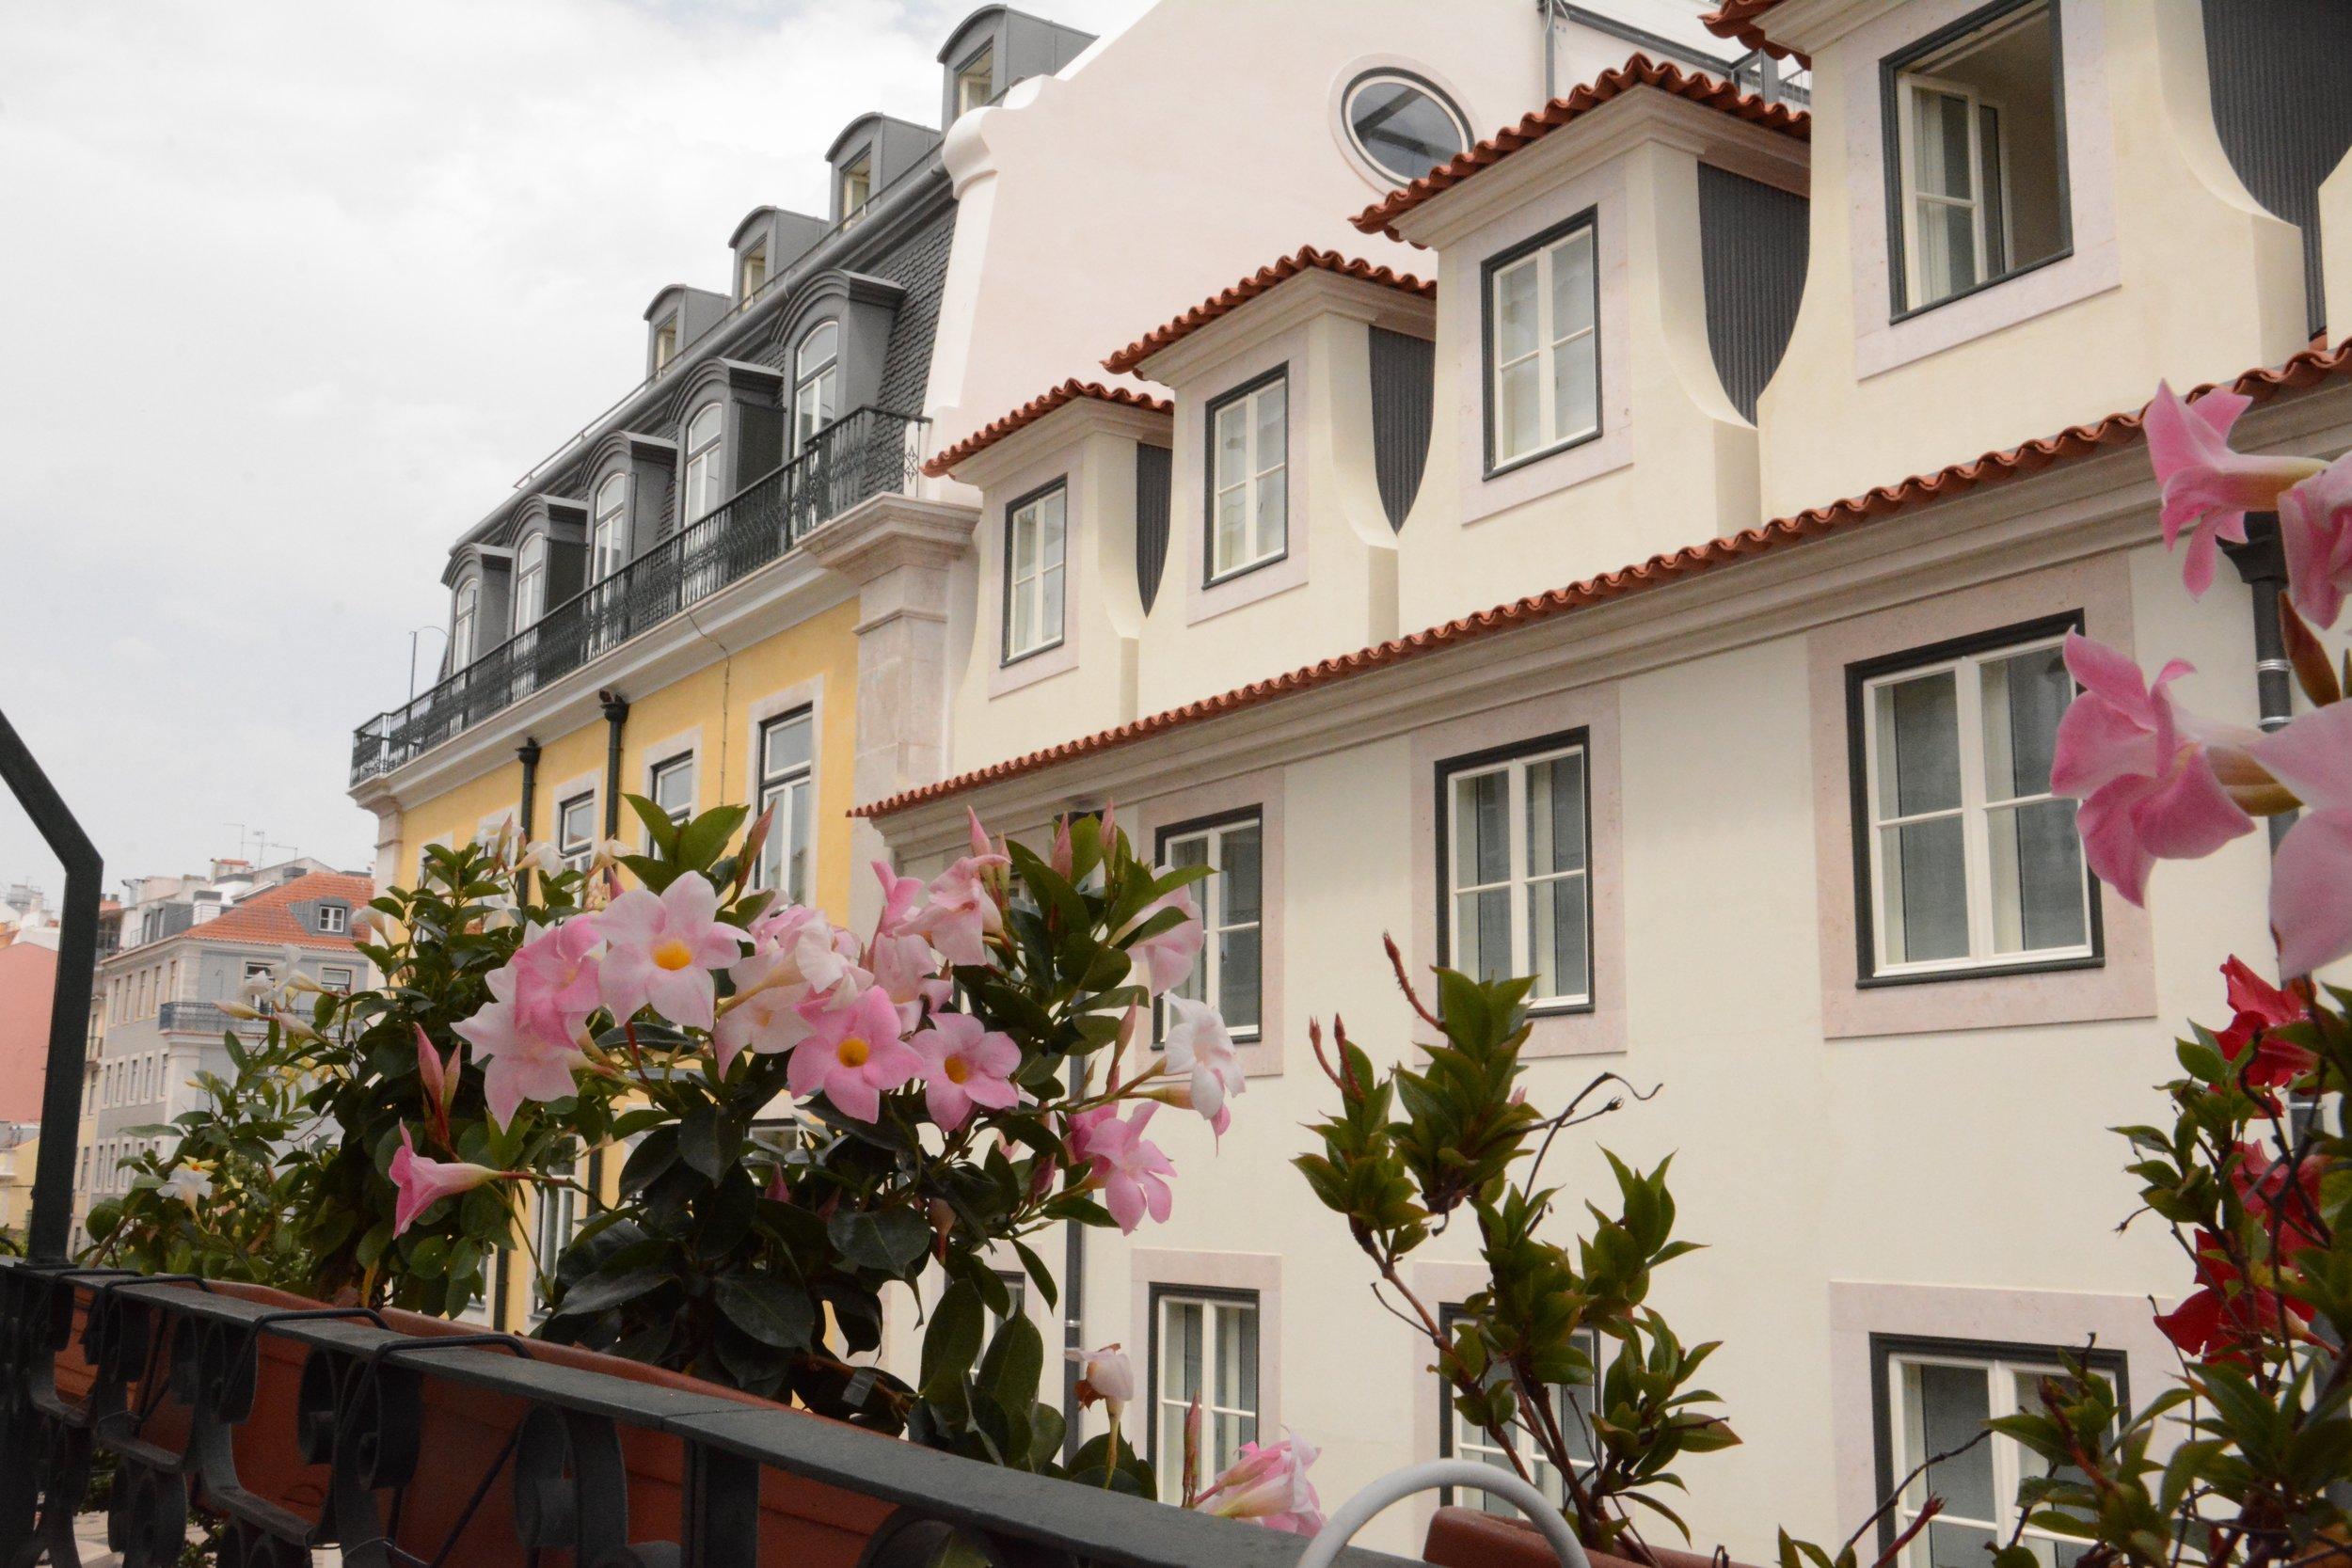 casinha das flores balcony.jpg